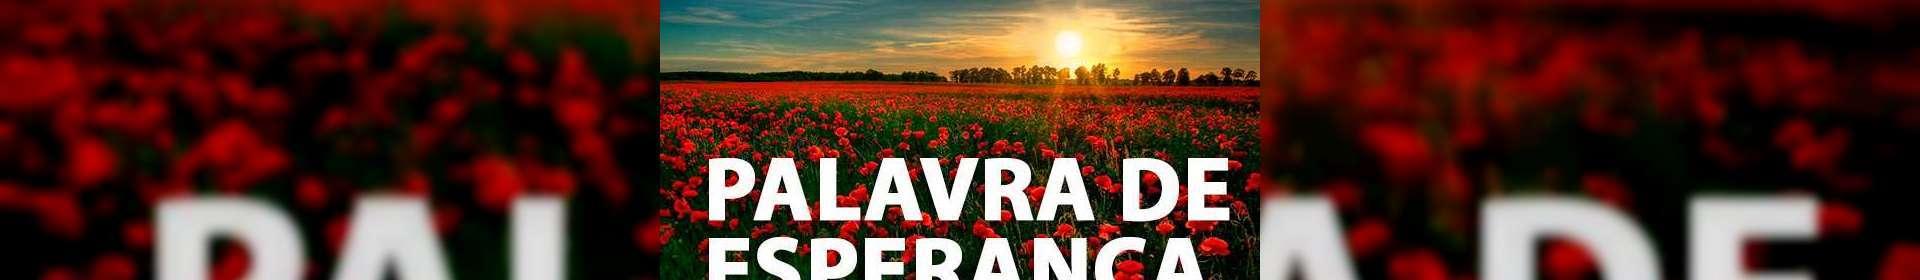 Lucas 18:8 - Uma Palavra de Esperança para sua vida